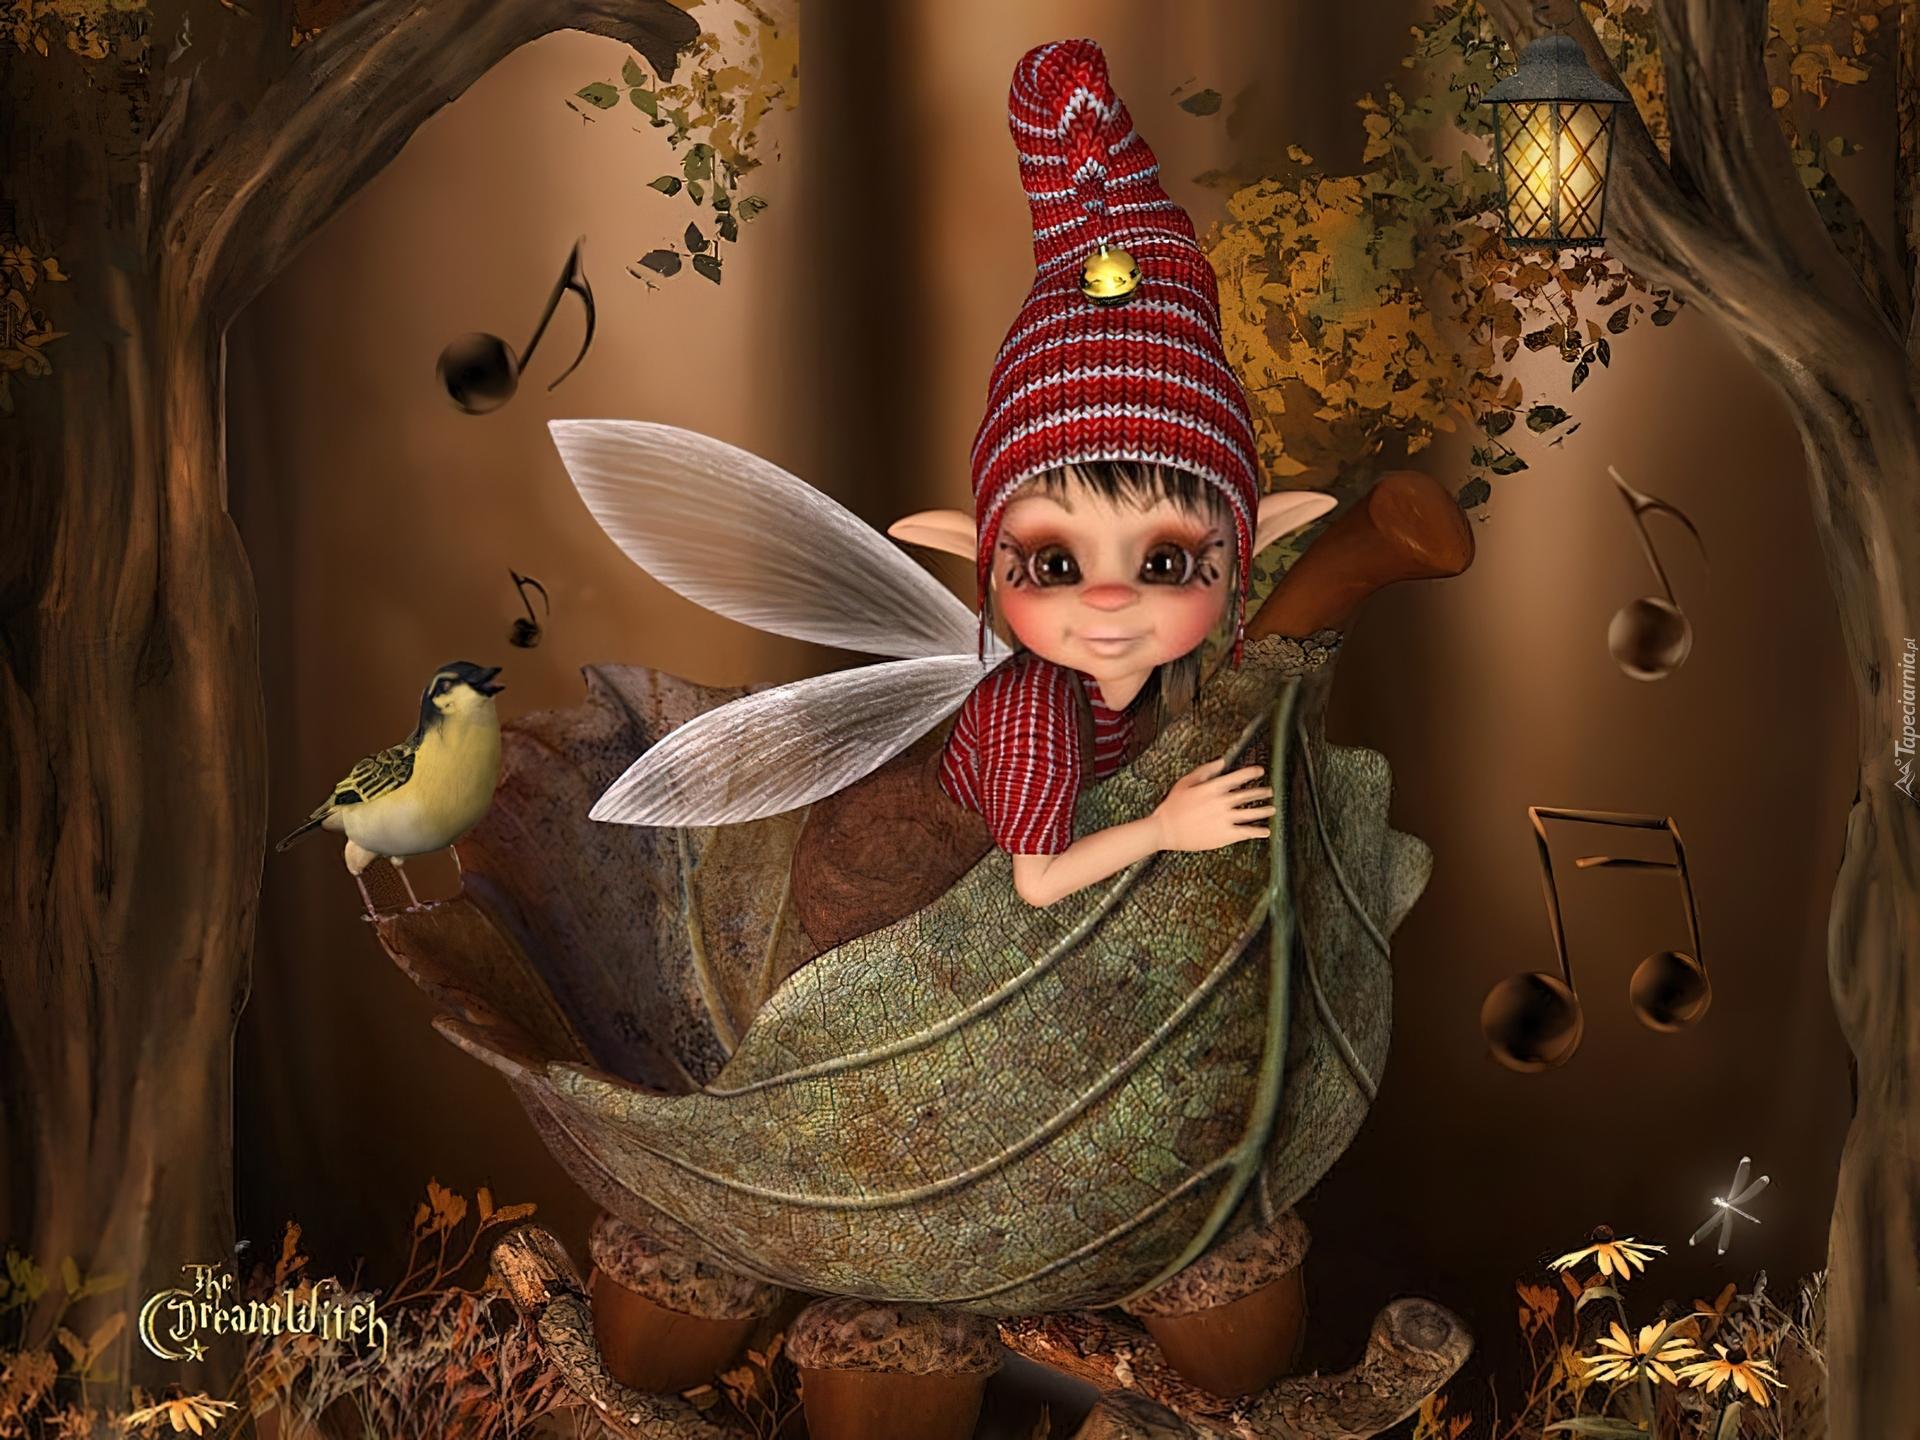 умные картинки с феями и эльфами сбоку, отом верхнему